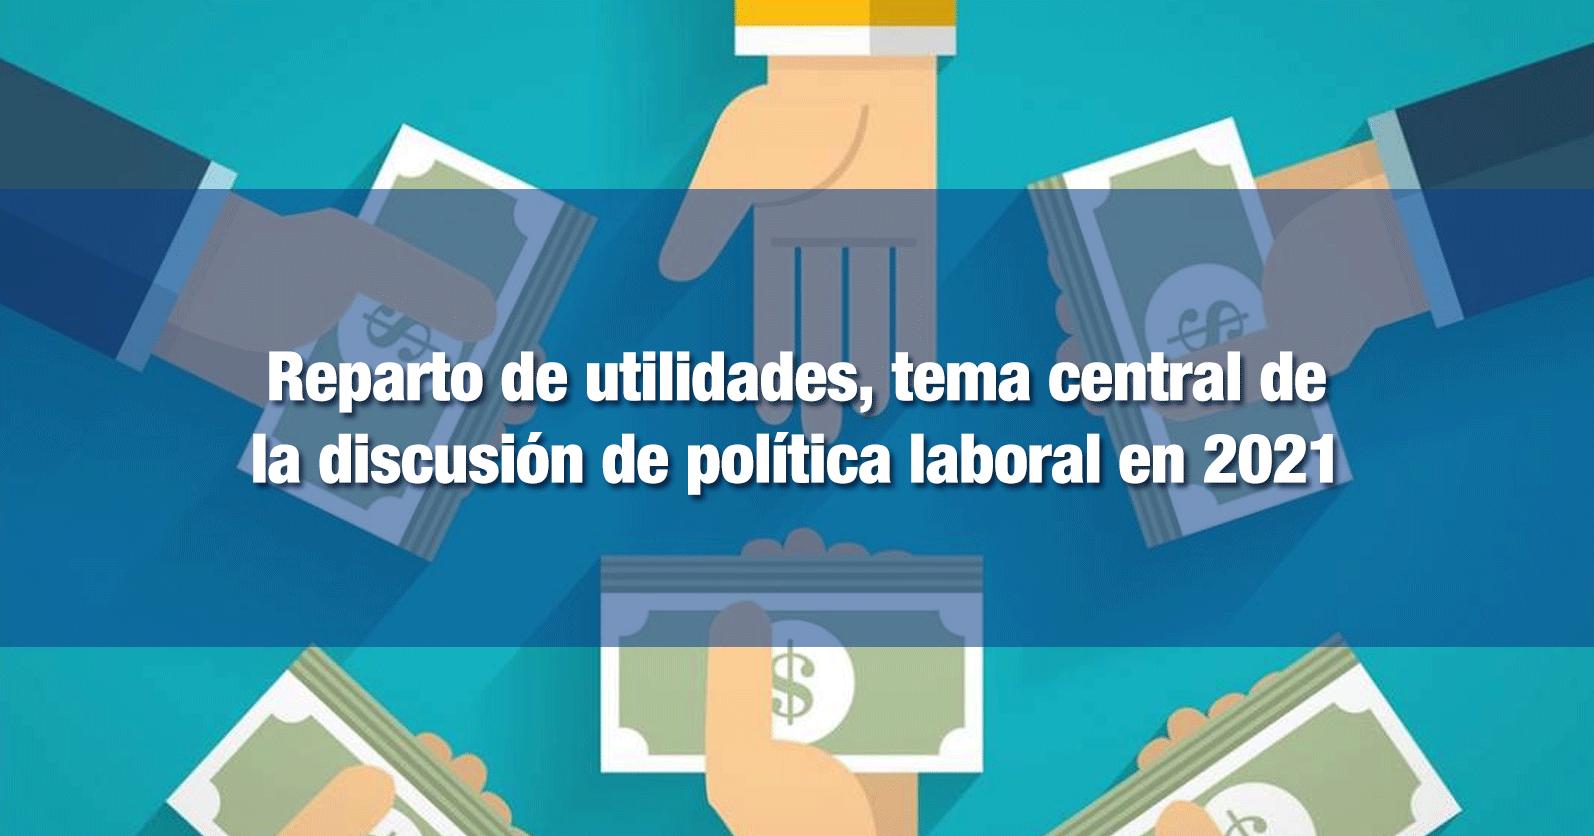 Reparto de utilidades, tema central de la discusión de política laboral en 2021